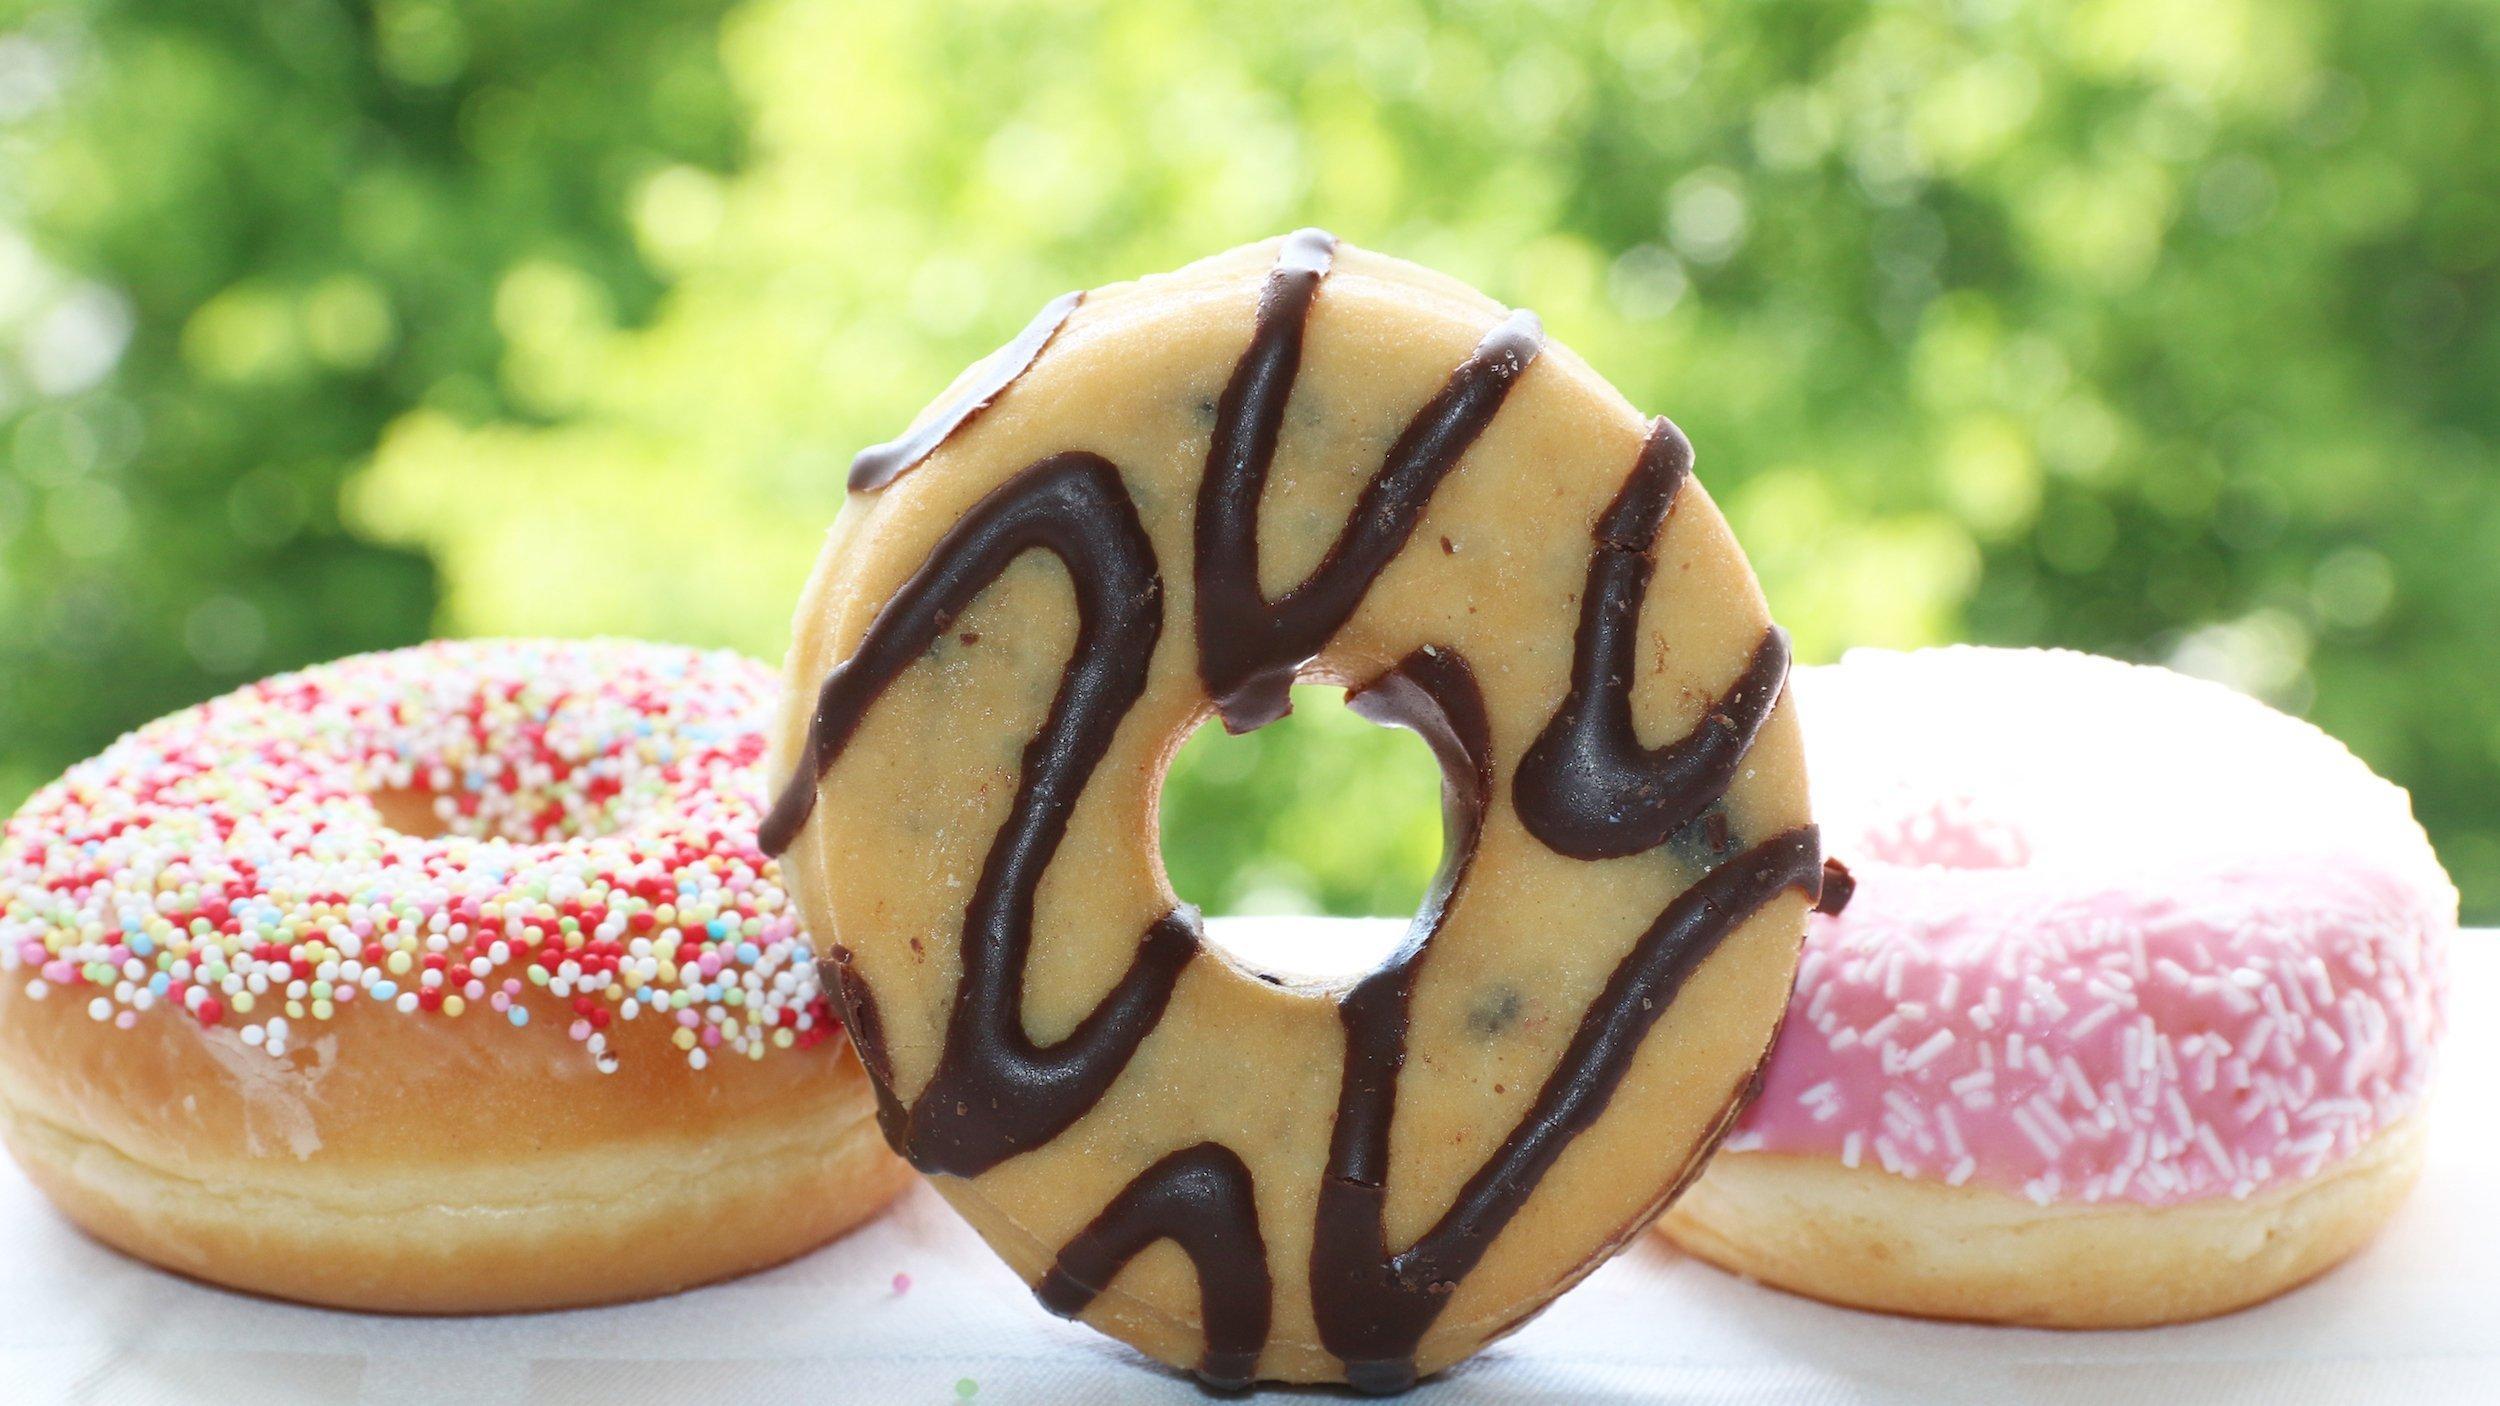 Drei Donuts liegen auf einen weißen Tuch vor einem offenen Fenster, der mittlere steht so auf der Seite, dass man durch das Loch blicken kann. Der linke ist mit Zuckerperlen verziert, der mittlere mit Schleifen von Schokoguss, der rechte mit rosa Zuckerguss. – Hefeteig, Loch in die Mitte, frittieren und verzieren – Doughnut oder Donut heißt die Kalorienbombe.